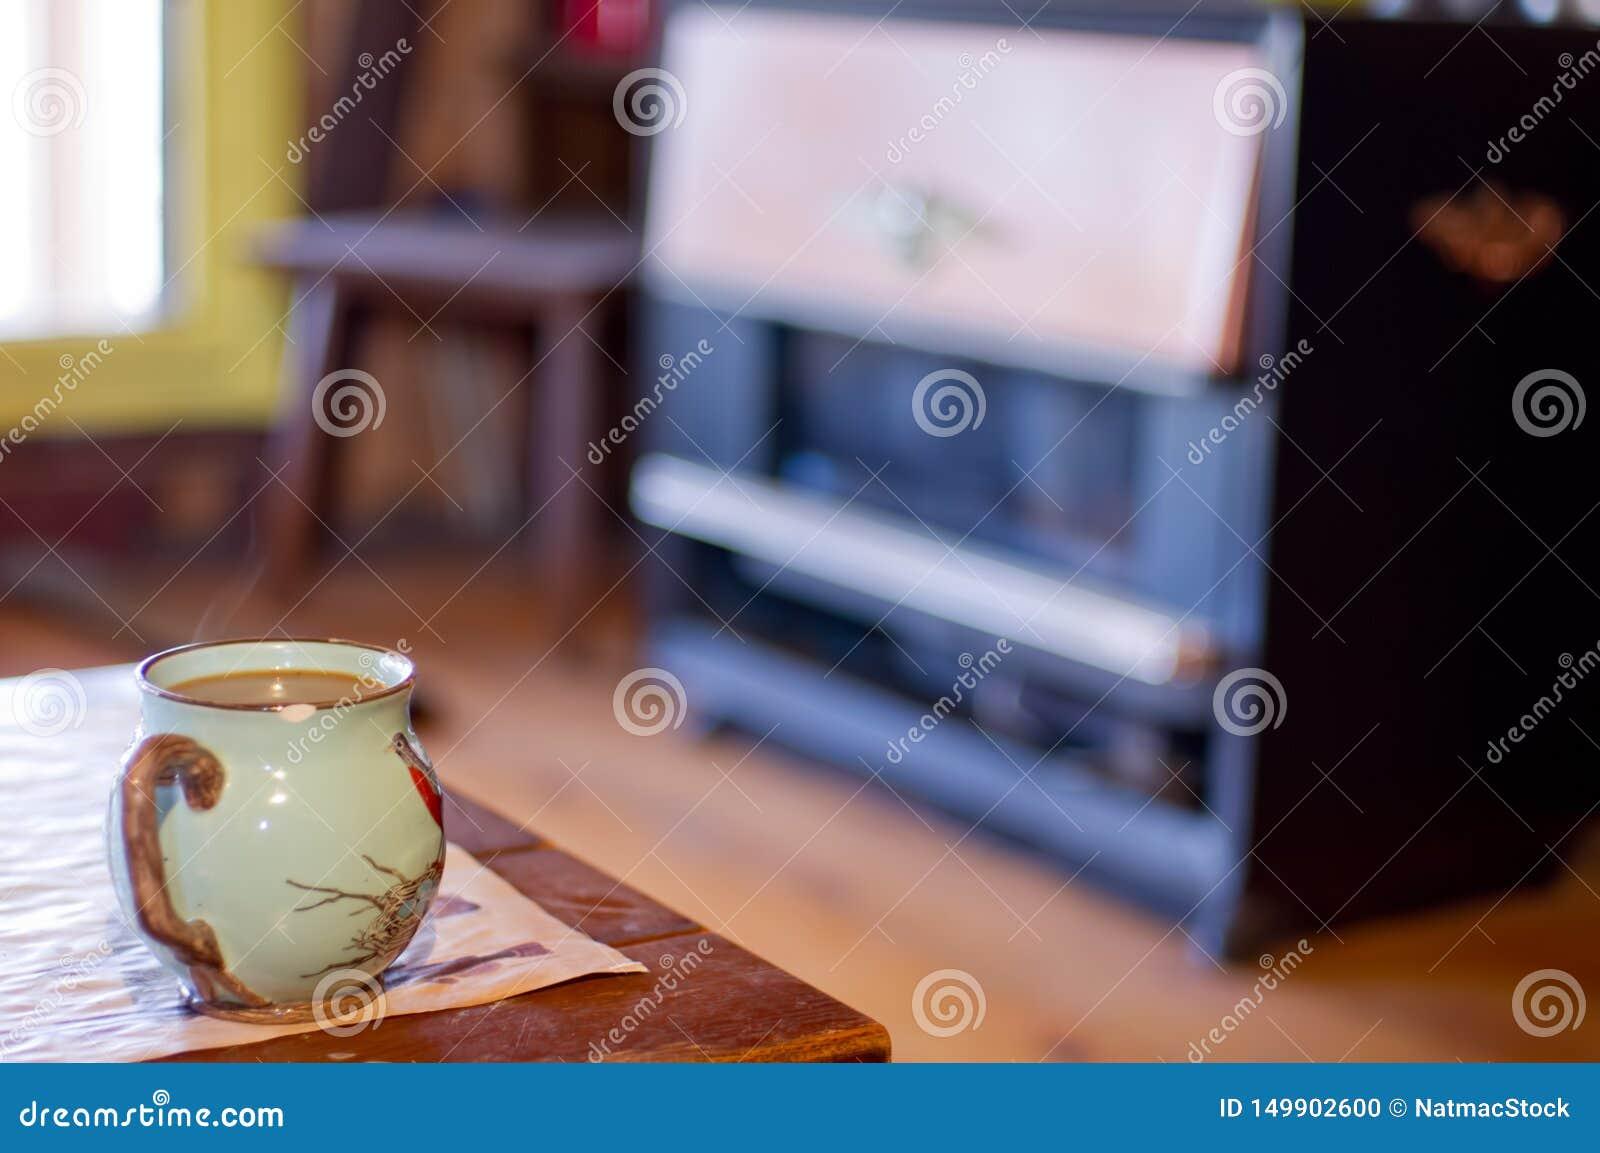 Испаряющся чашка кофе в кружке птицы с винтажным обогревателем кабины пропана/природного газа на заднем плане - принятый на дерев